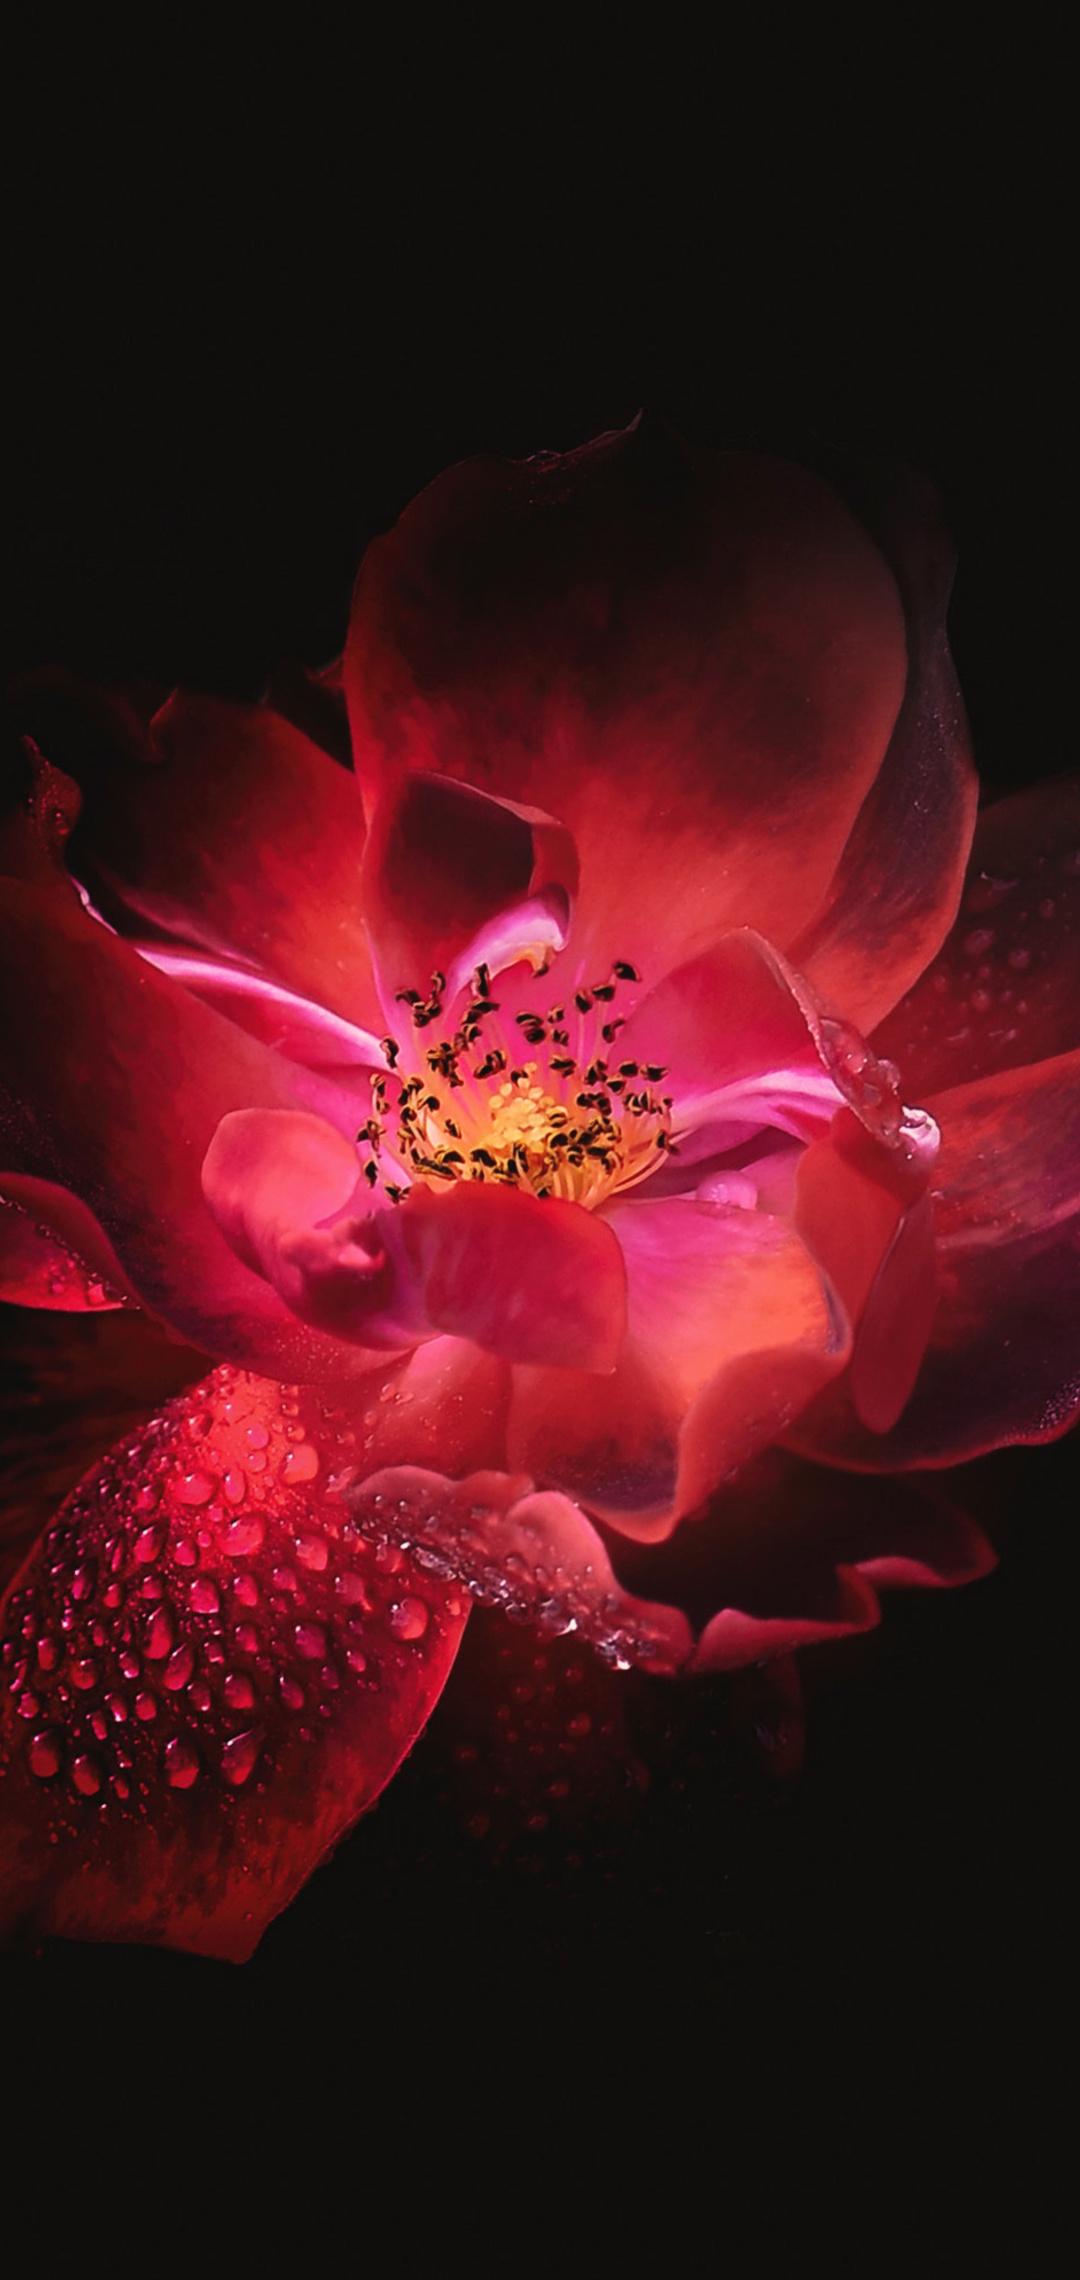 red-flower-black-background-4k-hj.jpg